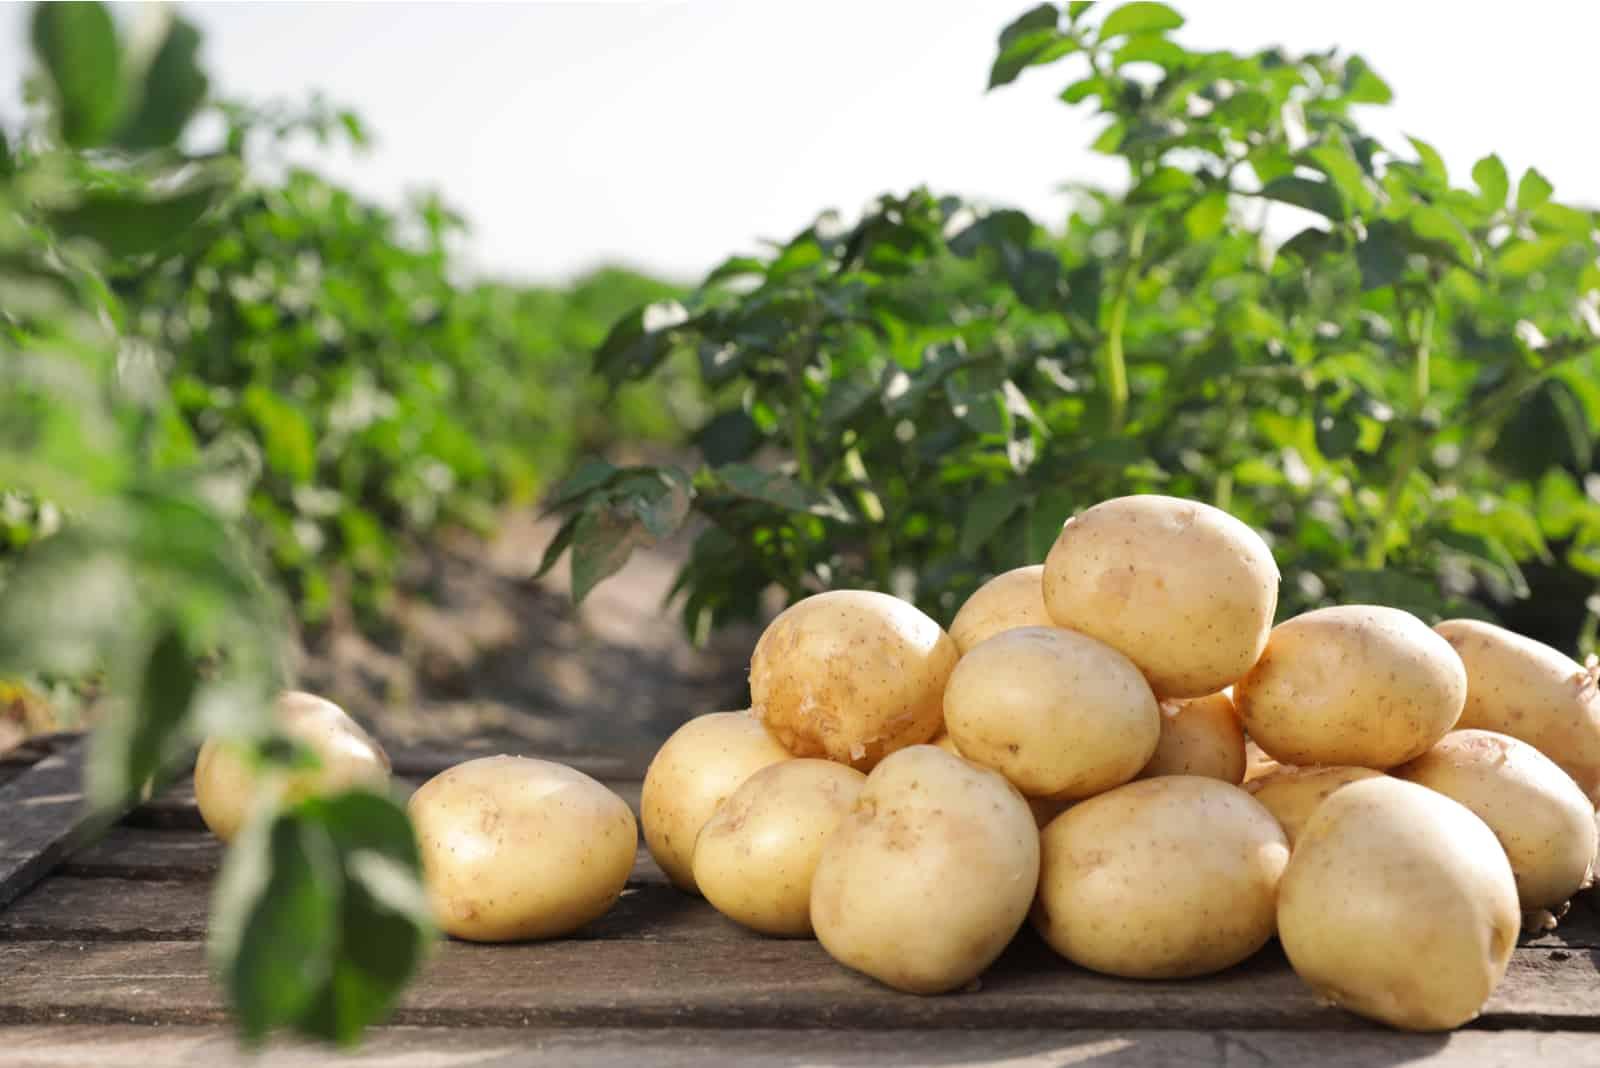 rohe junge Kartoffeln auf dem Feld